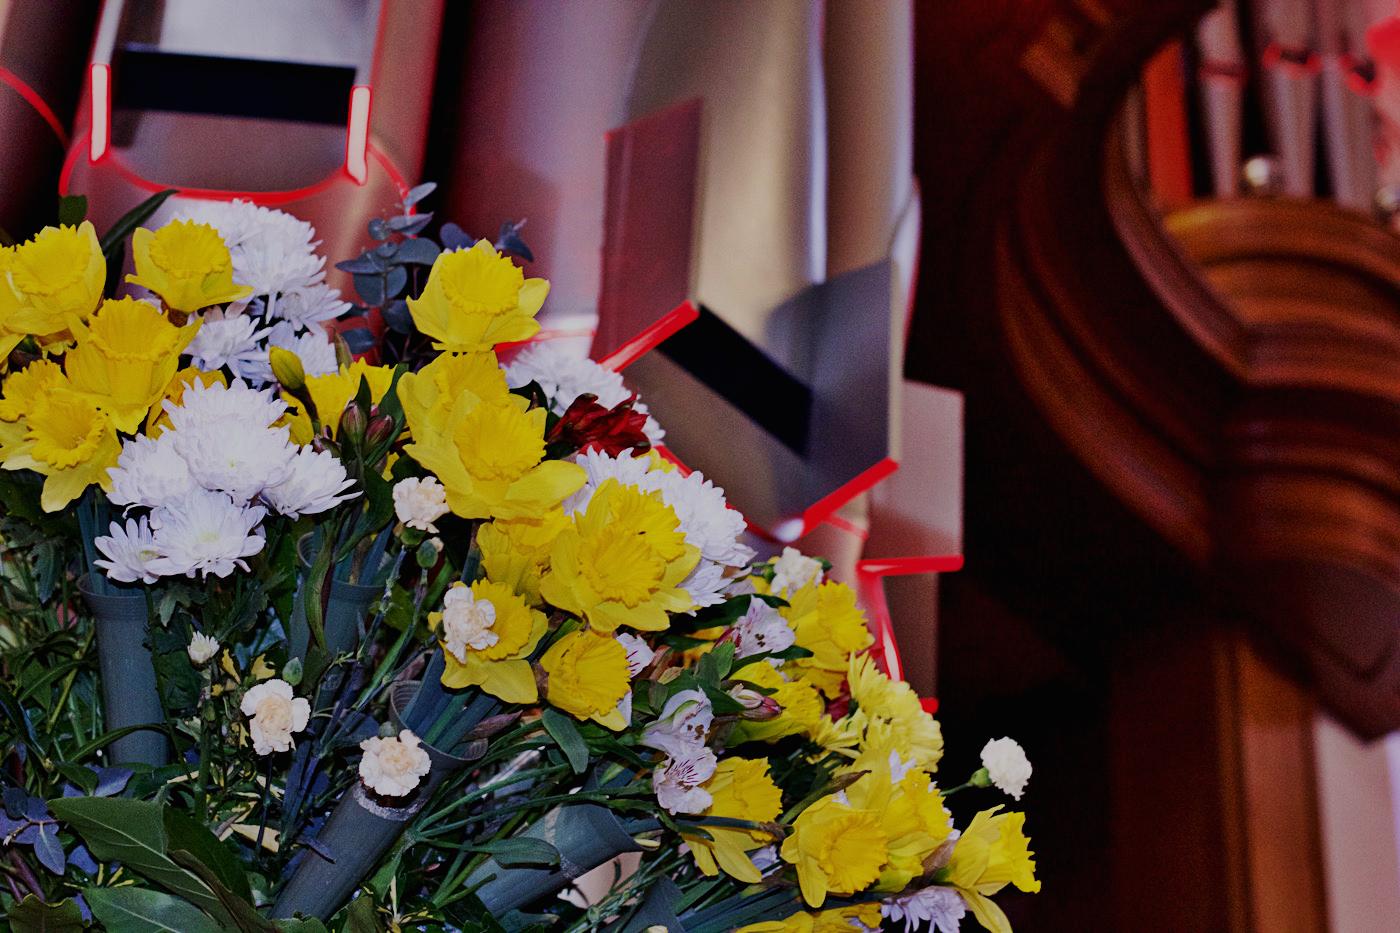 Daffodil_Day